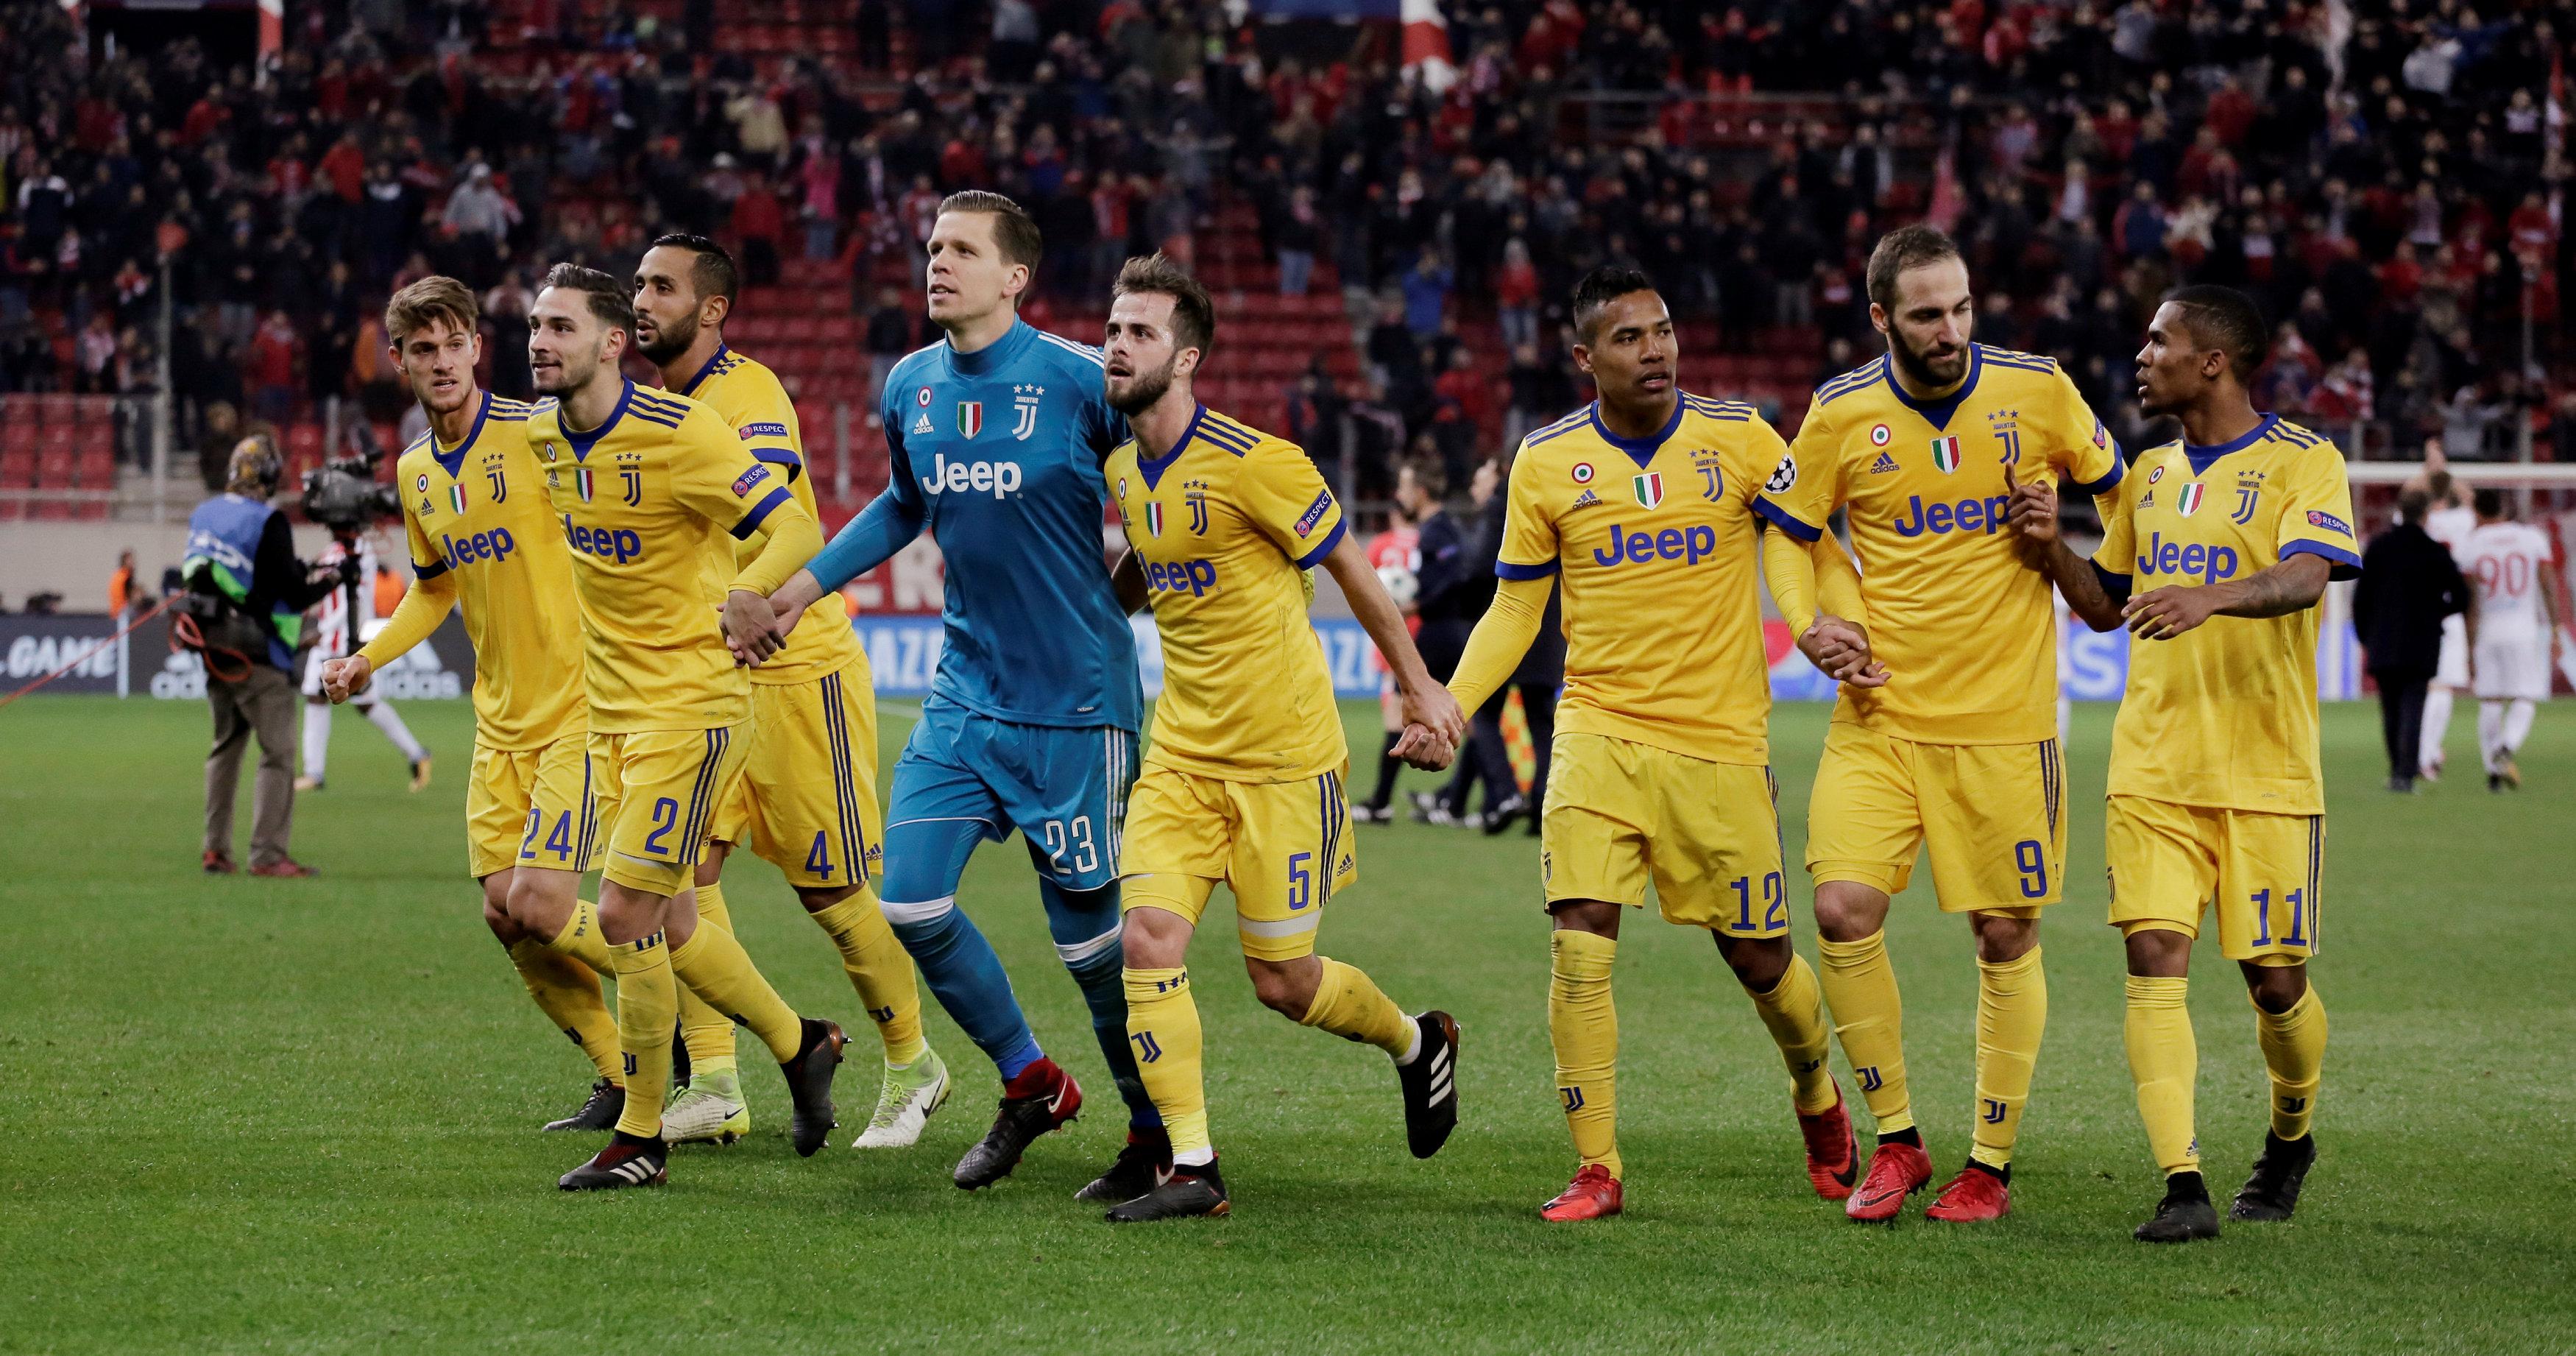 برشلونة ويوفنتوس معا إلى ثمن نهائي الأبطال